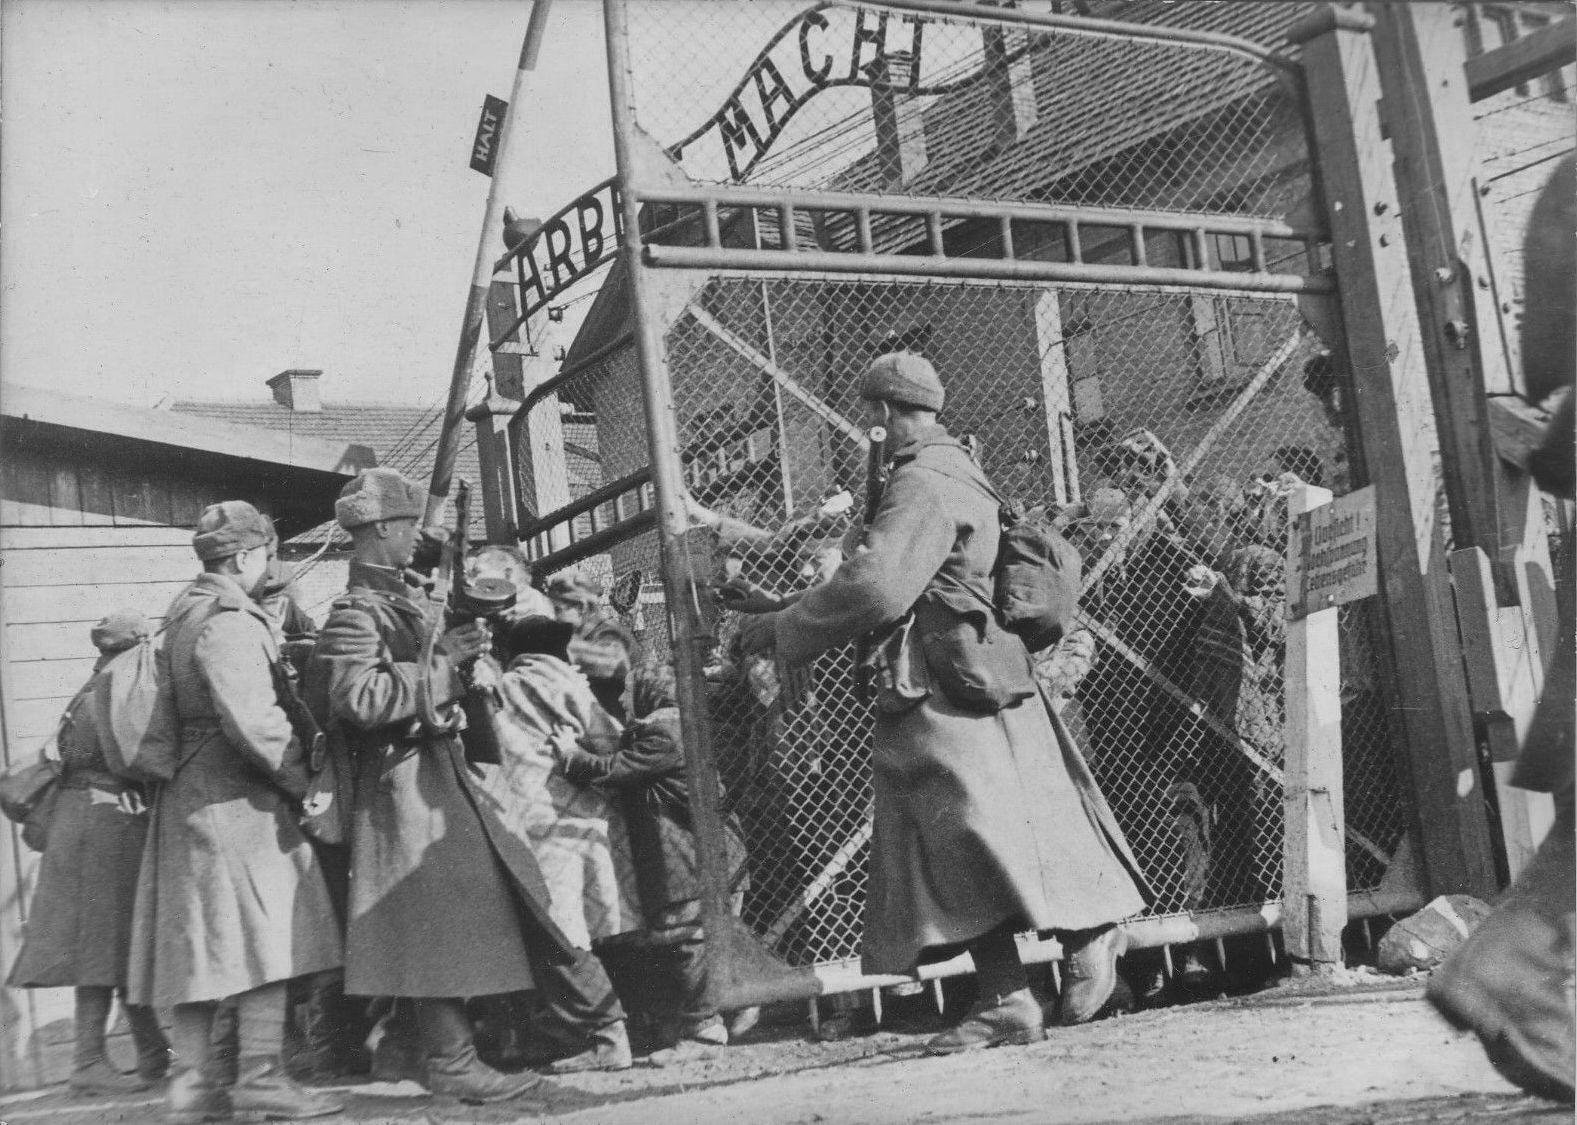 Советские солдаты открывают ворота концлагеря Освенцим, 27.01.1945